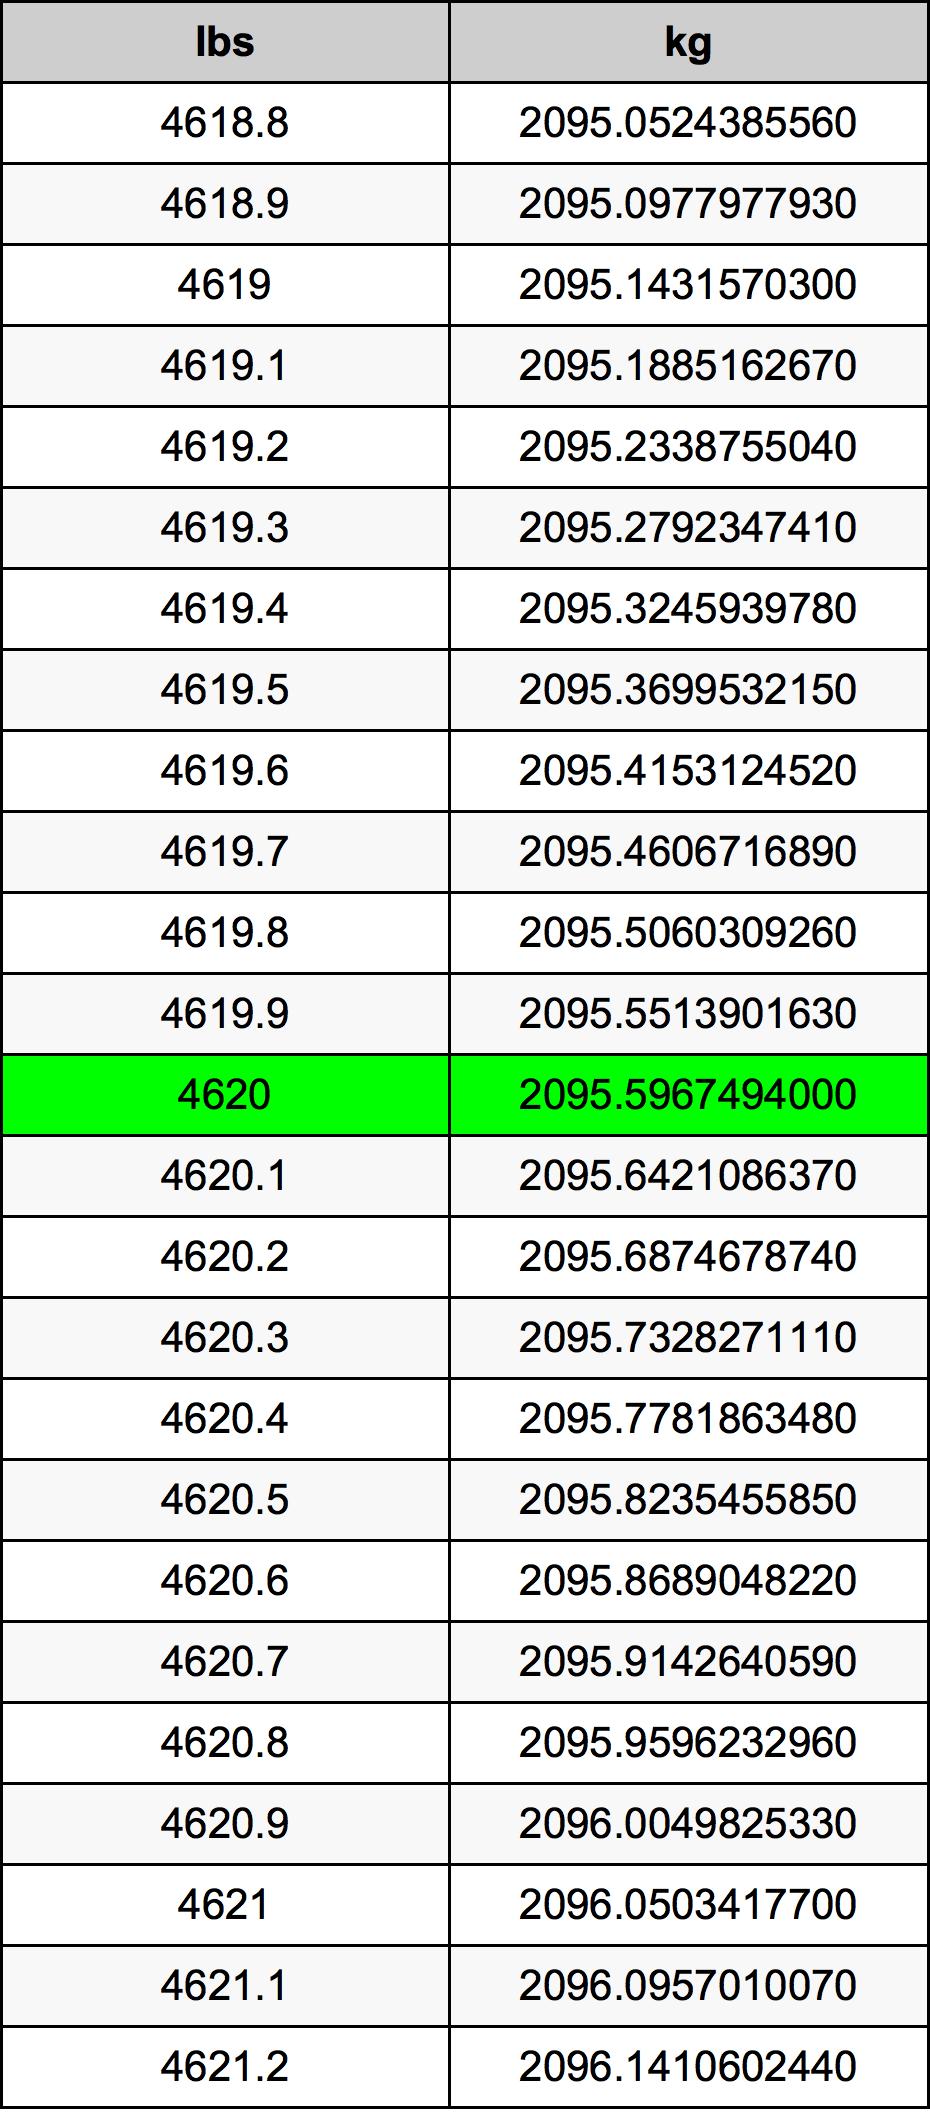 4620 Libbra tabella di conversione